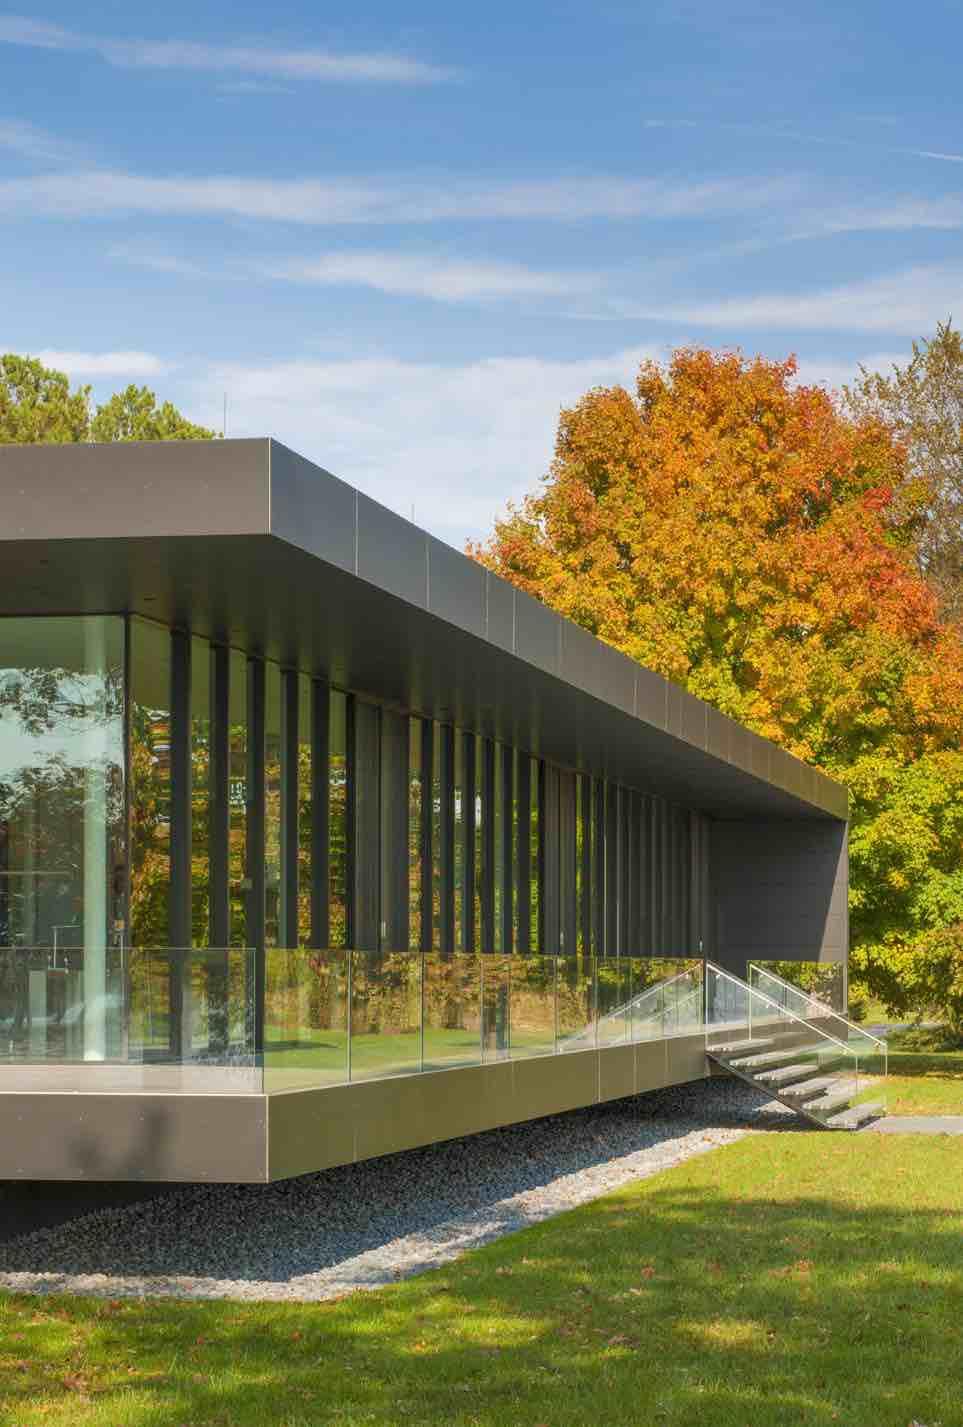 tred-avon-river-house-robert-m-gurney-architect_mackenzie-gurney-guttmanresidence-6